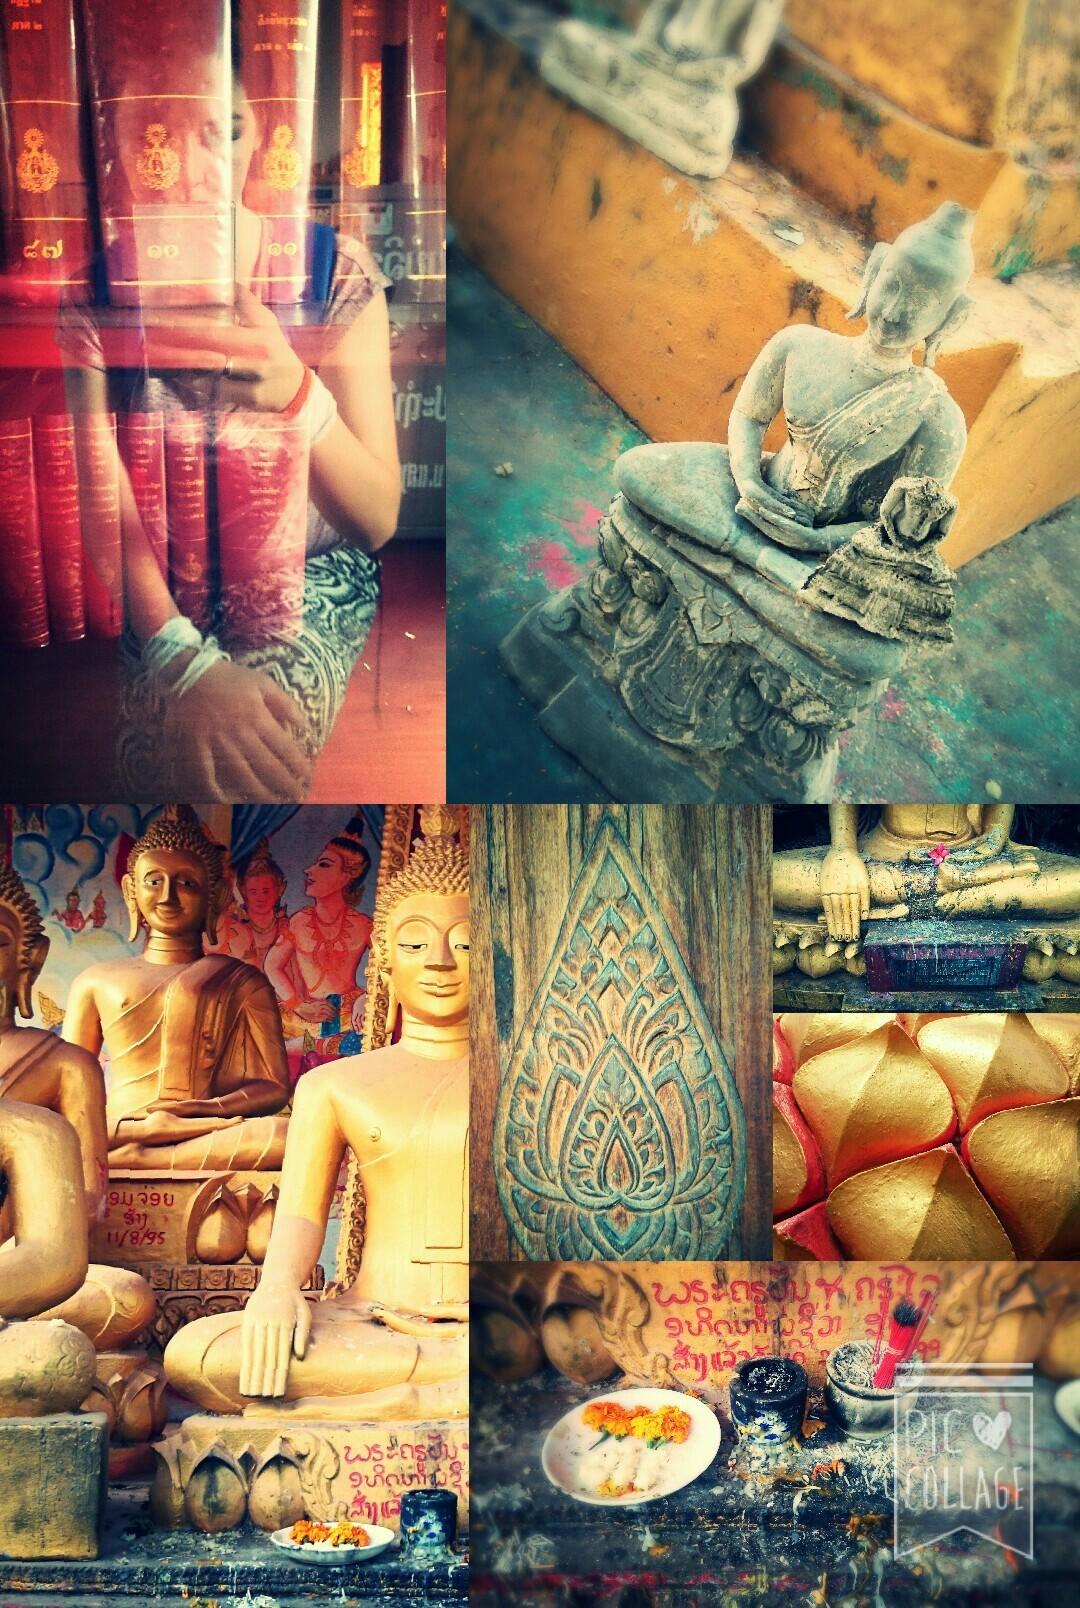 Wat een plaatjes, die tempels in Laos! Alleen al in Vientiane zijn er tientallen (misschien wel 100+) tempels, stuk voor stuk adembenemend. Hier even een kleine impressie van een aantal (bekende) tempels die ik vandaag per fiets bezocht heb. Verhalen en info volgen nog, nu eerst eten...